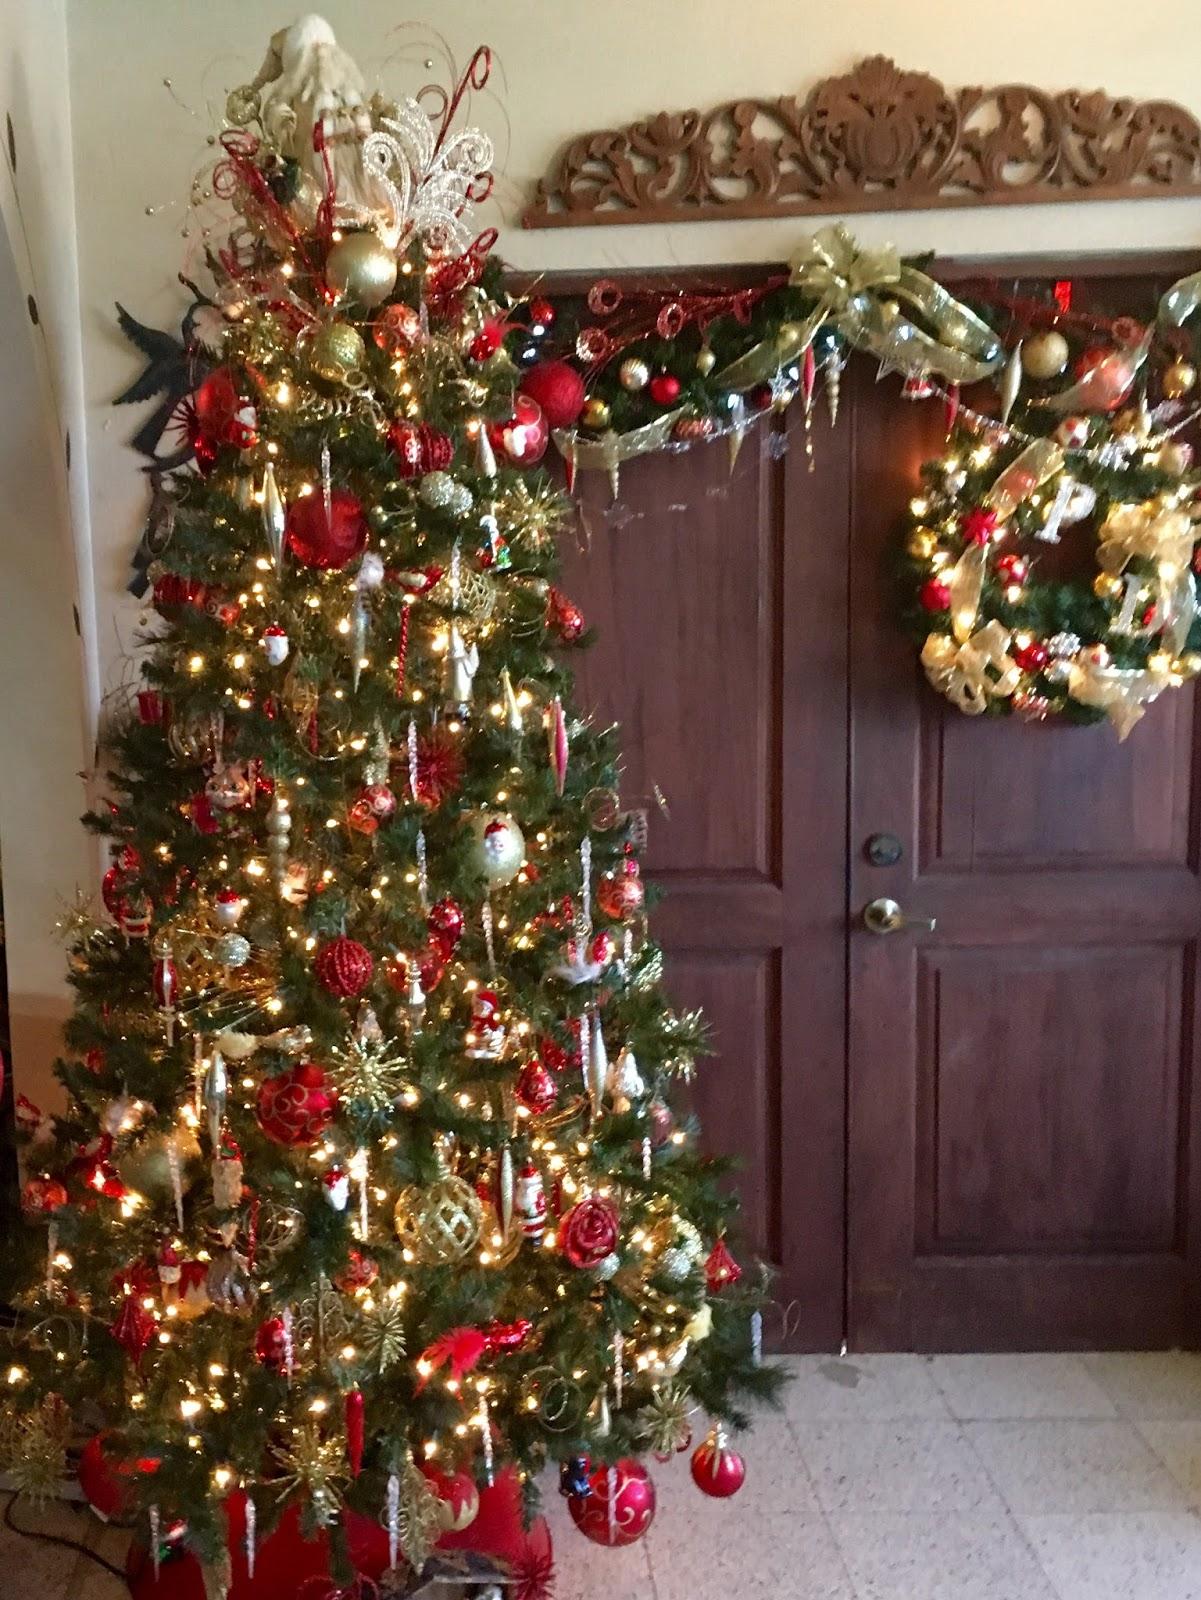 El arbol de navidad perfecto parte i mou design - Arbol de navidad dorado ...